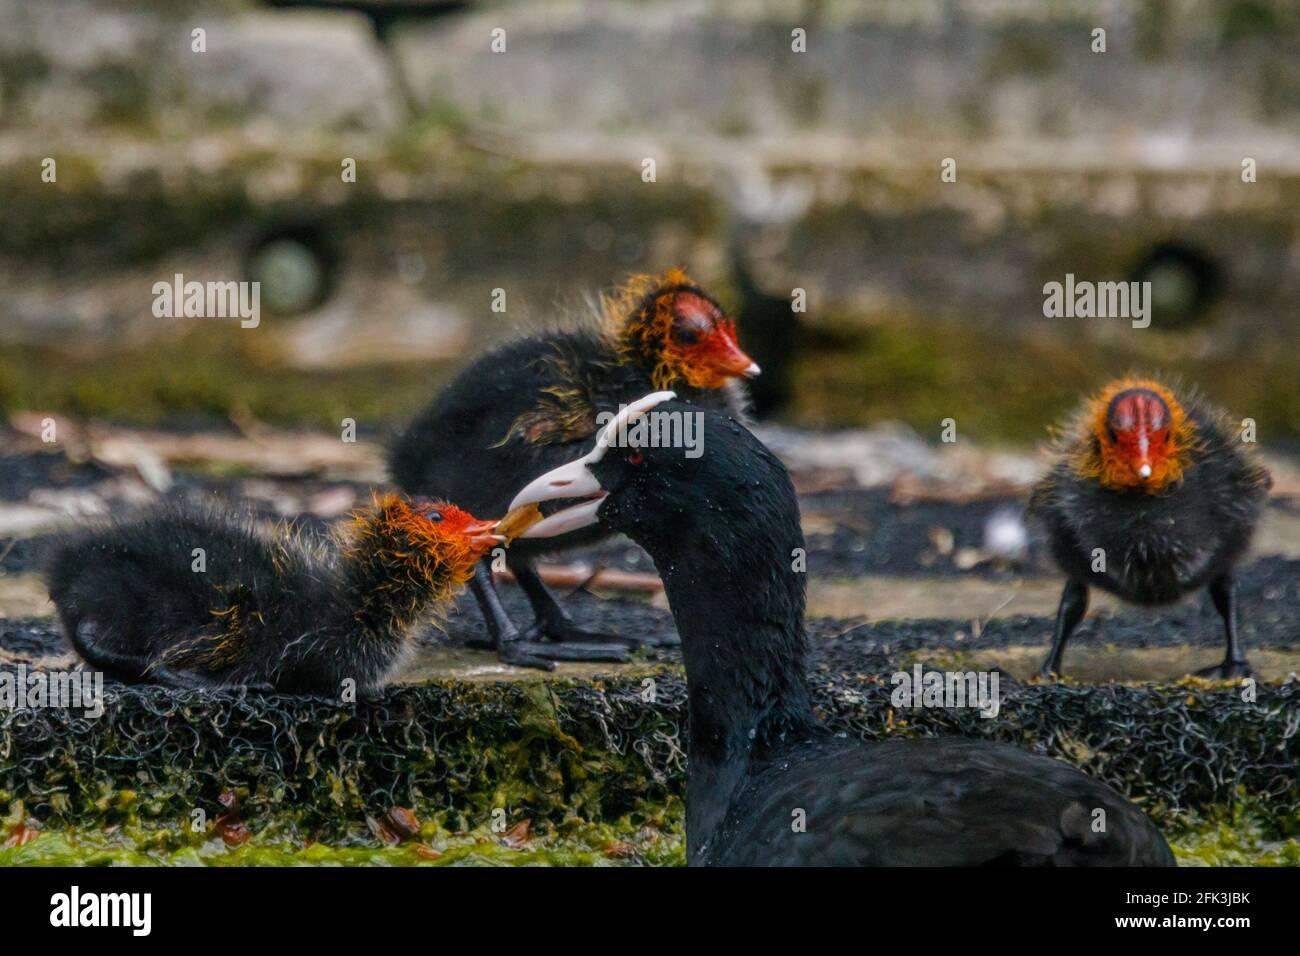 Wapping Canal, Londra, Regno Unito. 28 aprile 2021. La colazione in famiglia come un Coot alimenta i suoi cuccioli su un canale urbano a Wapping, Londra est. Amanda Rose/Alamy Foto Stock